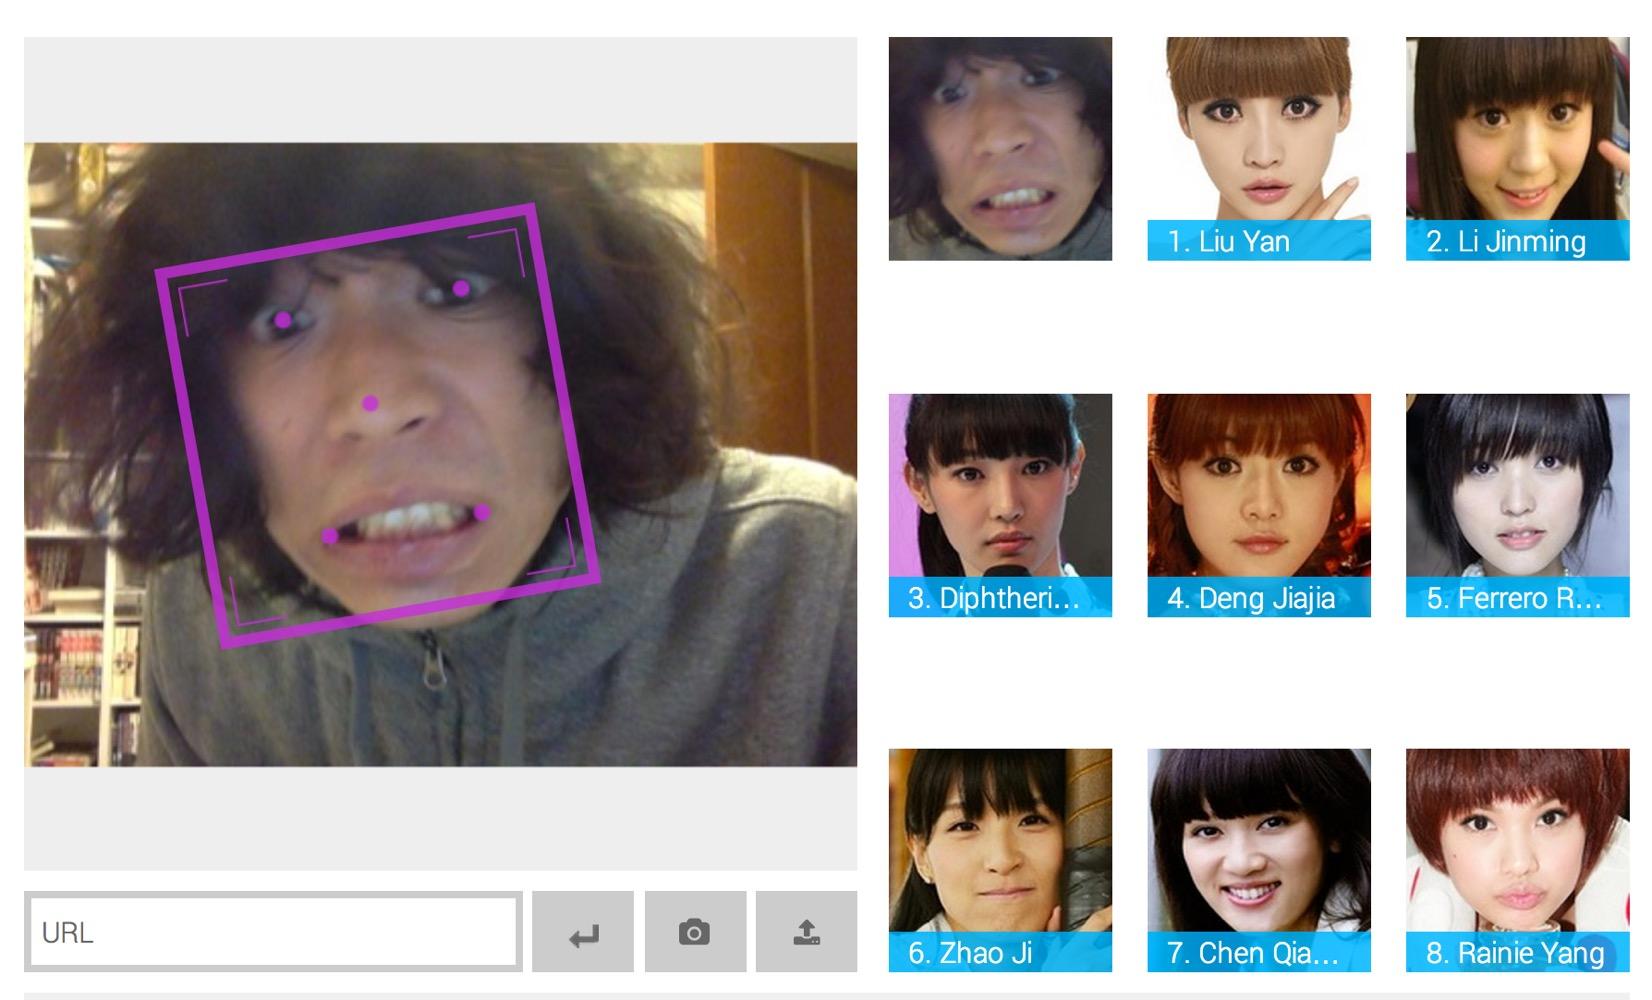 th_Demo_search___Face__ 4